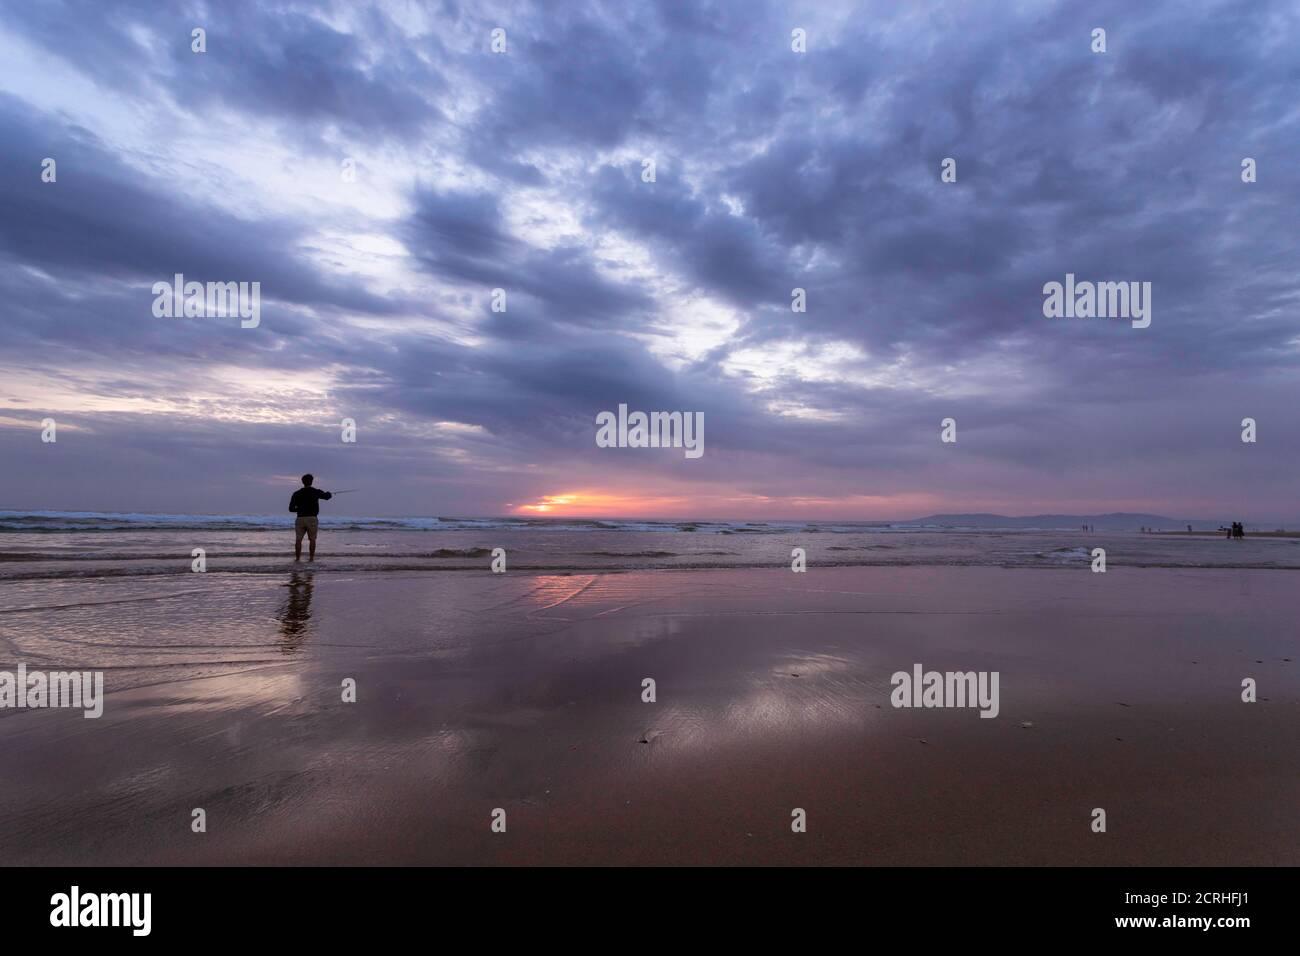 Un joven pescando en el mar abierto a lo largo de la costa del Océano Atlántico en Costa da Caparica en Lisboa, Portugal. Un chico atractivo que sostiene la pesca ro Foto de stock